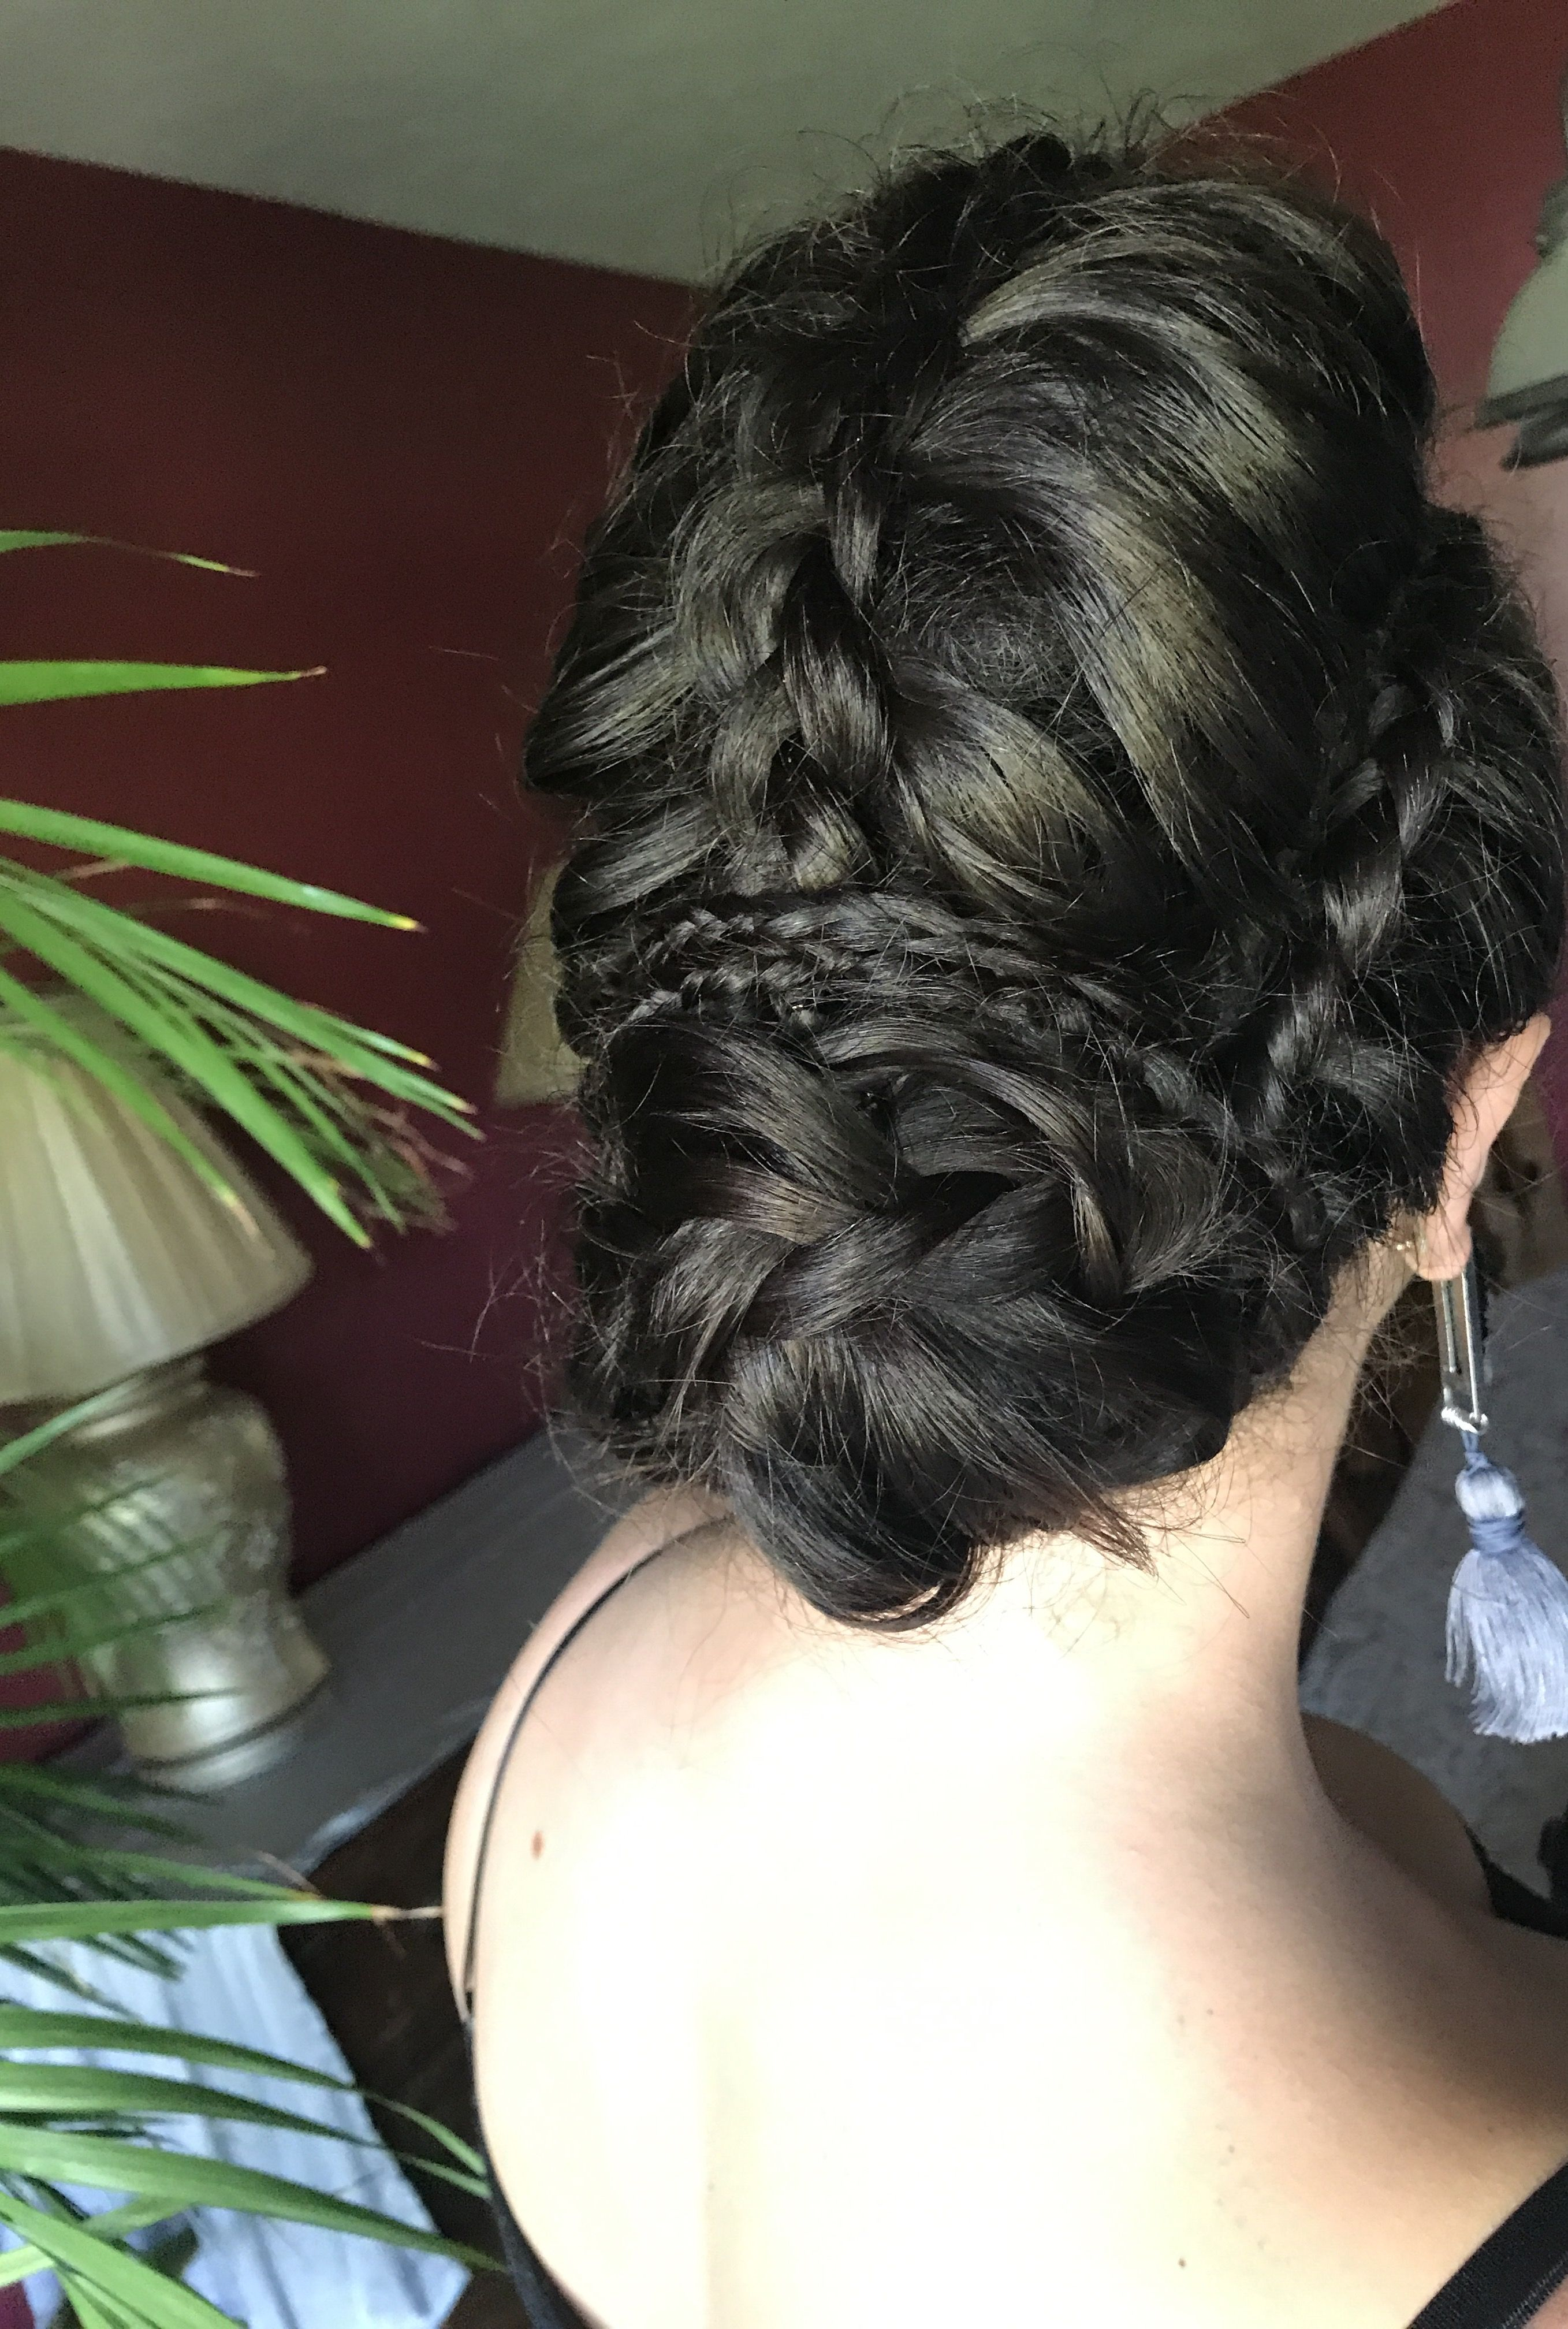 Mohawk braid braid mohawkbraid braidedupdo braids updo hair